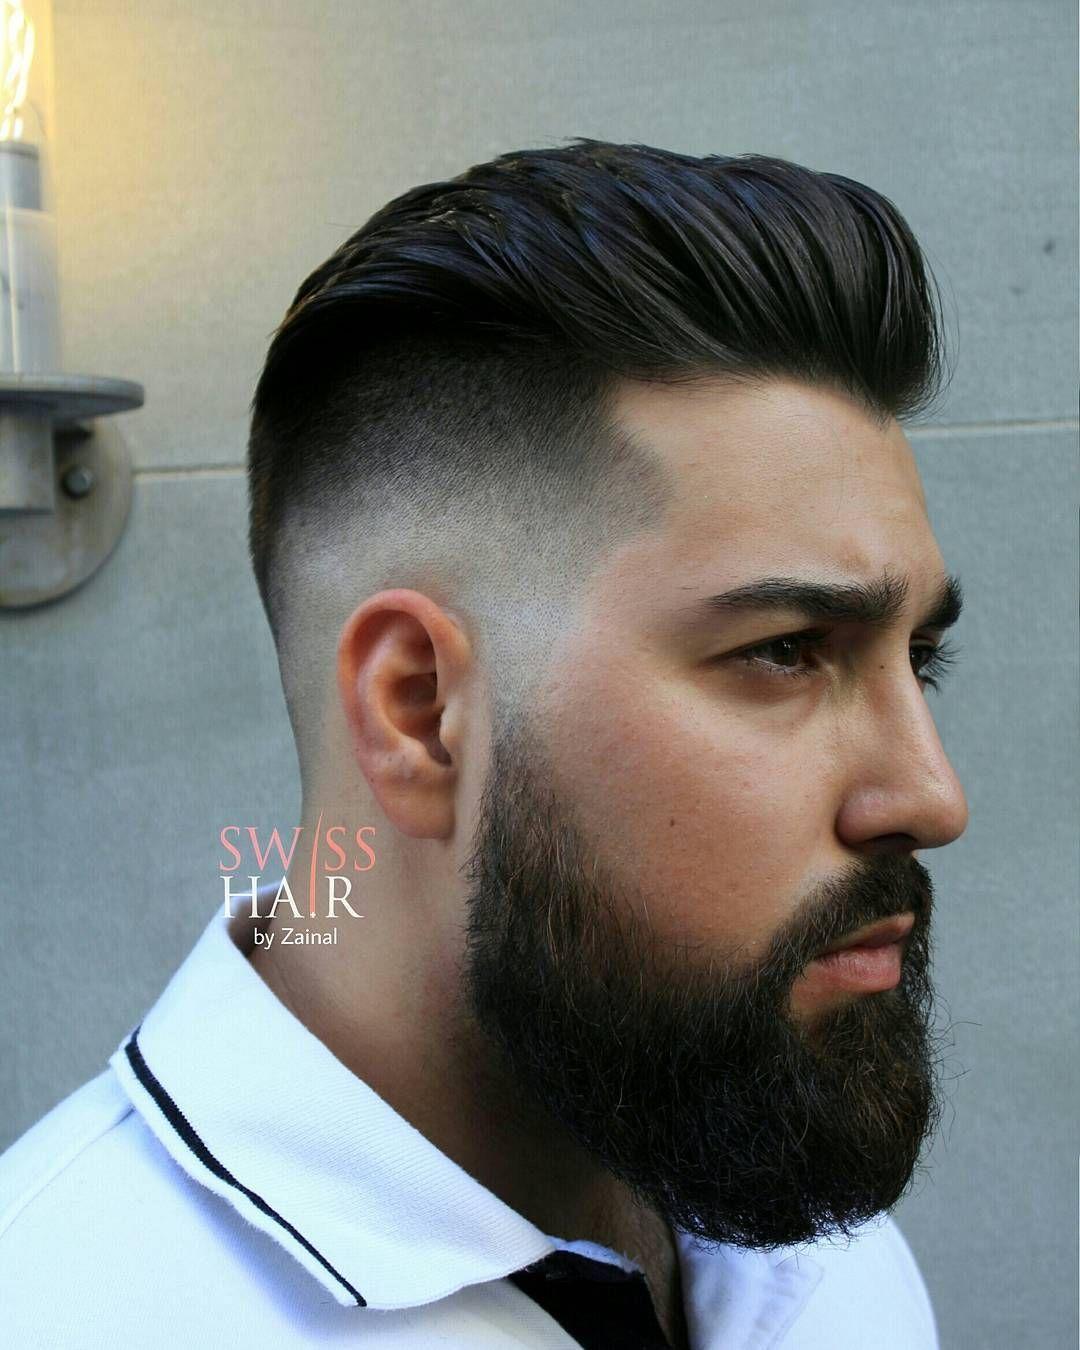 Herren Haarschnitt Tiefer Ubergang